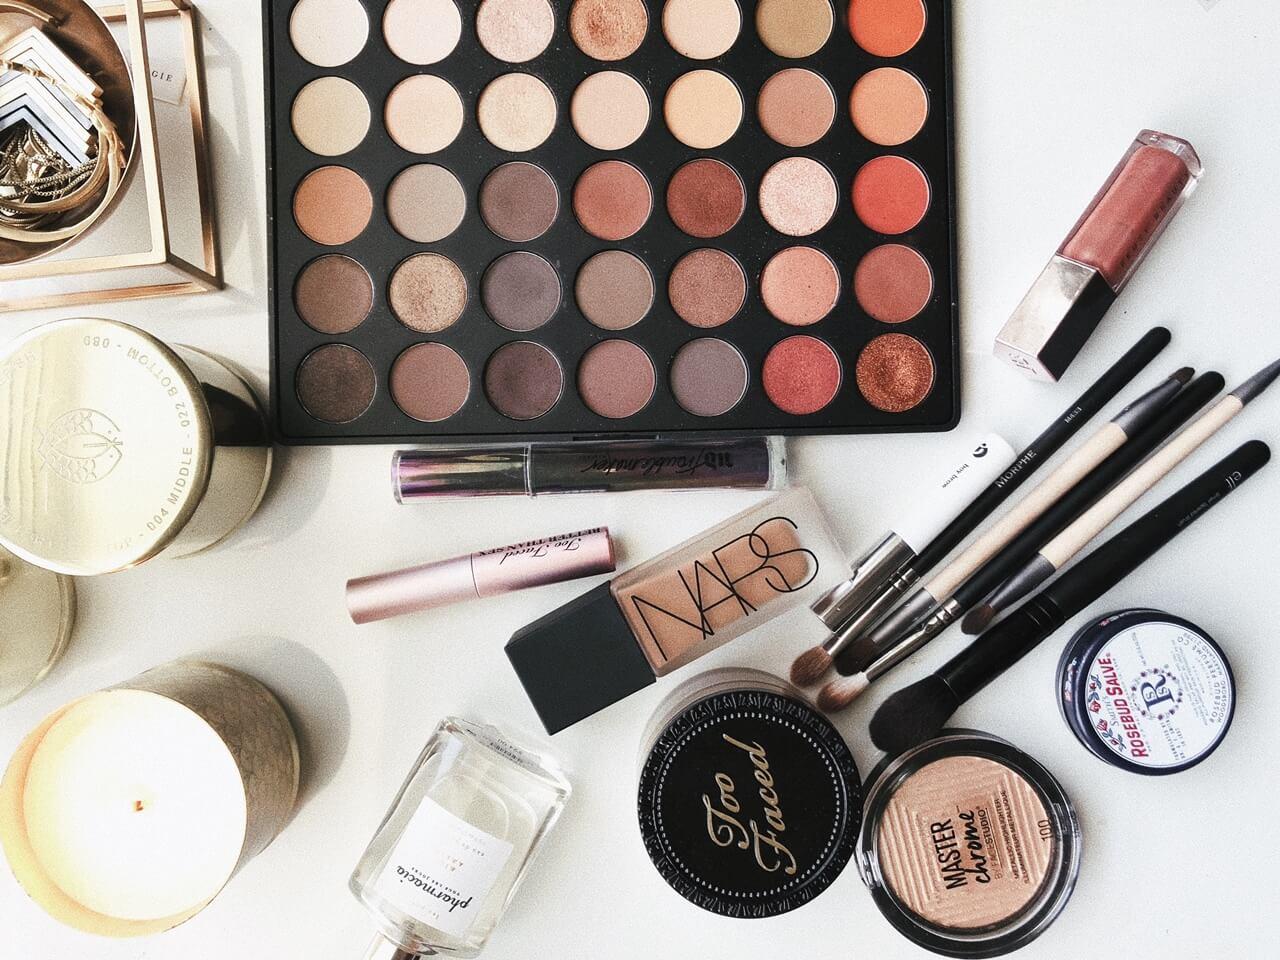 Ako obožavate kupovati šminku, ovo je za vas: Kreće veliko studentsko natjecanje, najbolji idu u Pariz na svjetsko